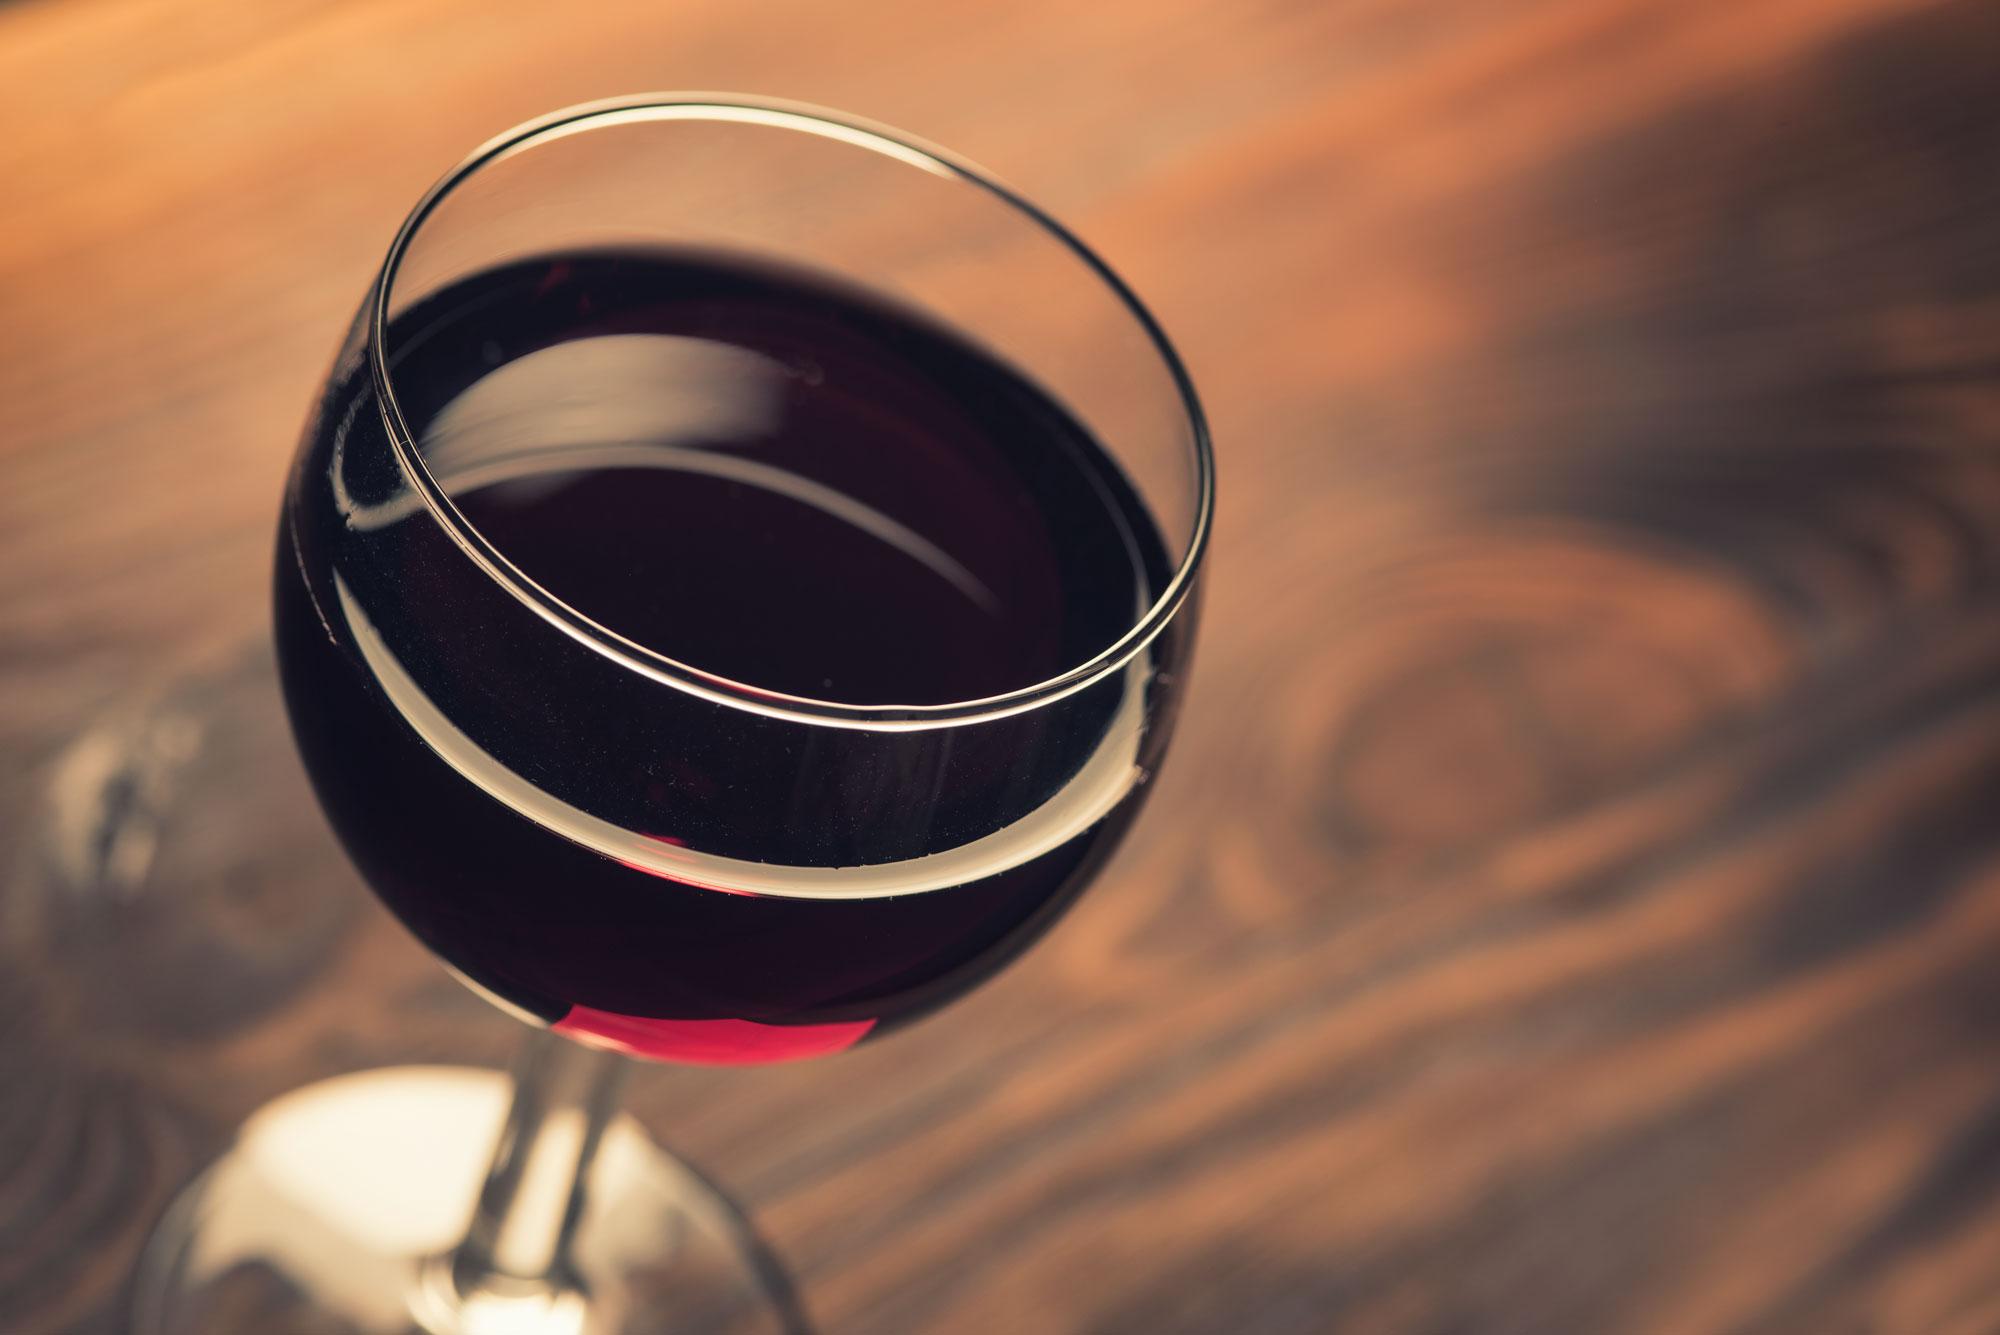 Photographie de packshot d'un verre de vin rouge